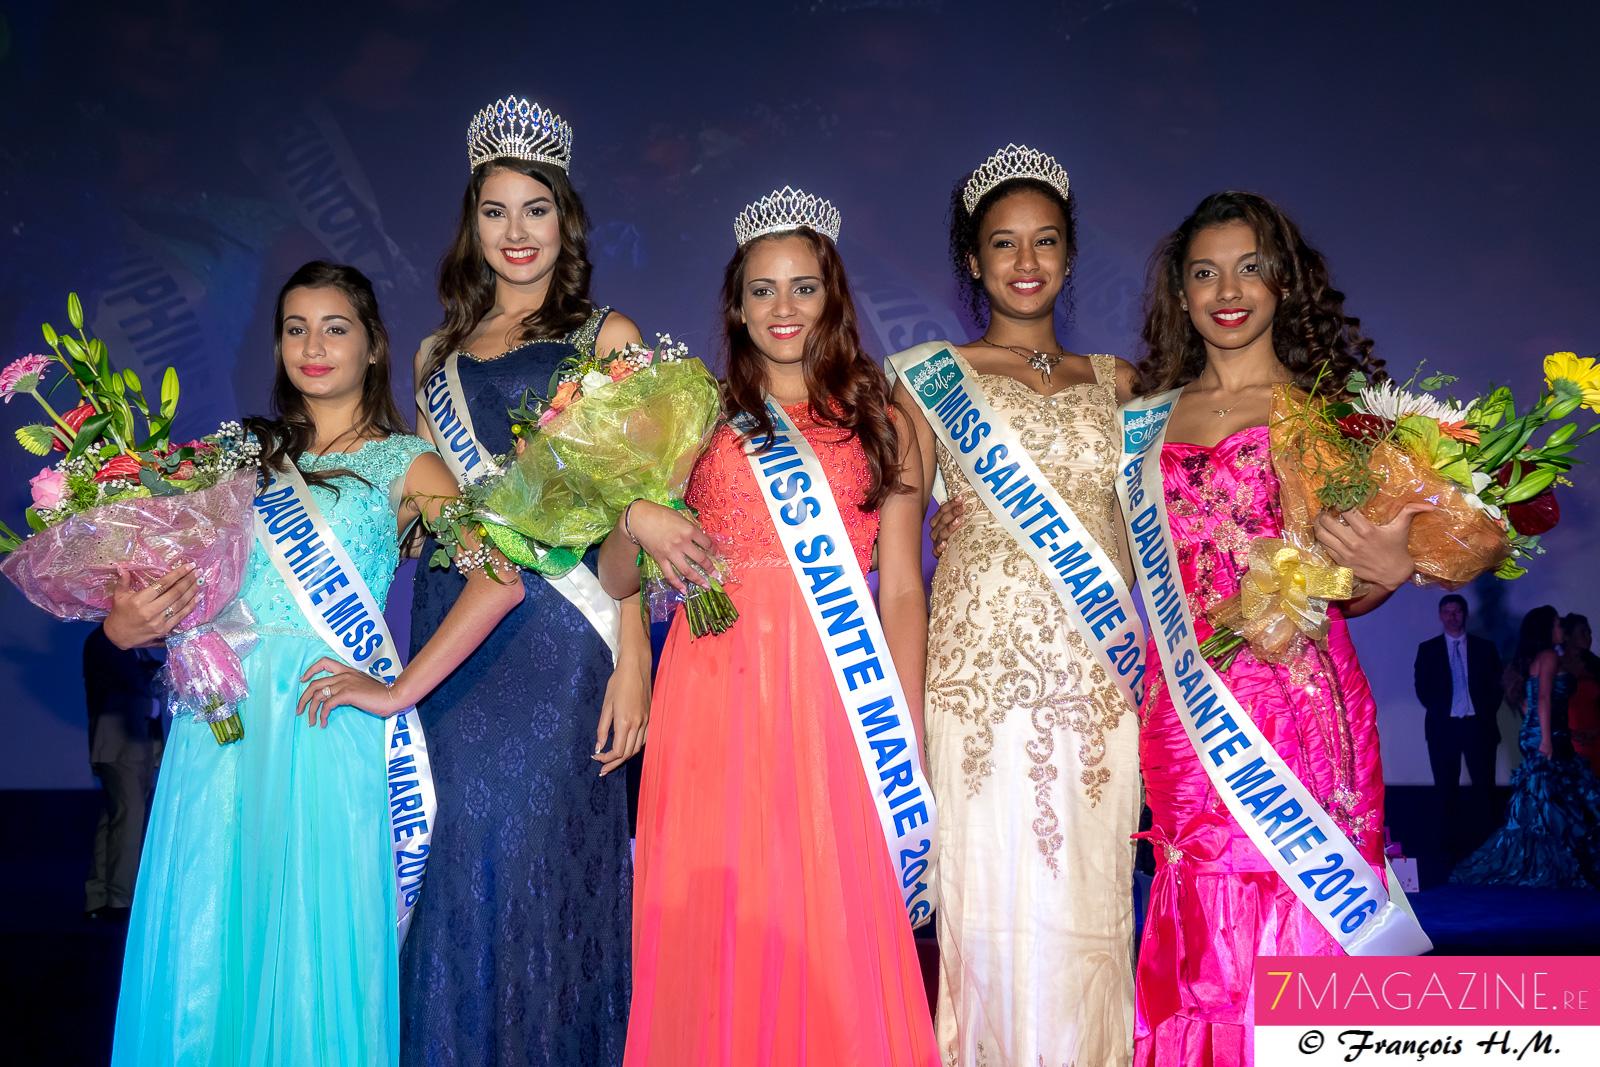 Les lauréates avec Ambre N'guyen, Miss Réunion 2016, et Audrey Lebon, Miss Sainte-Marie 2015